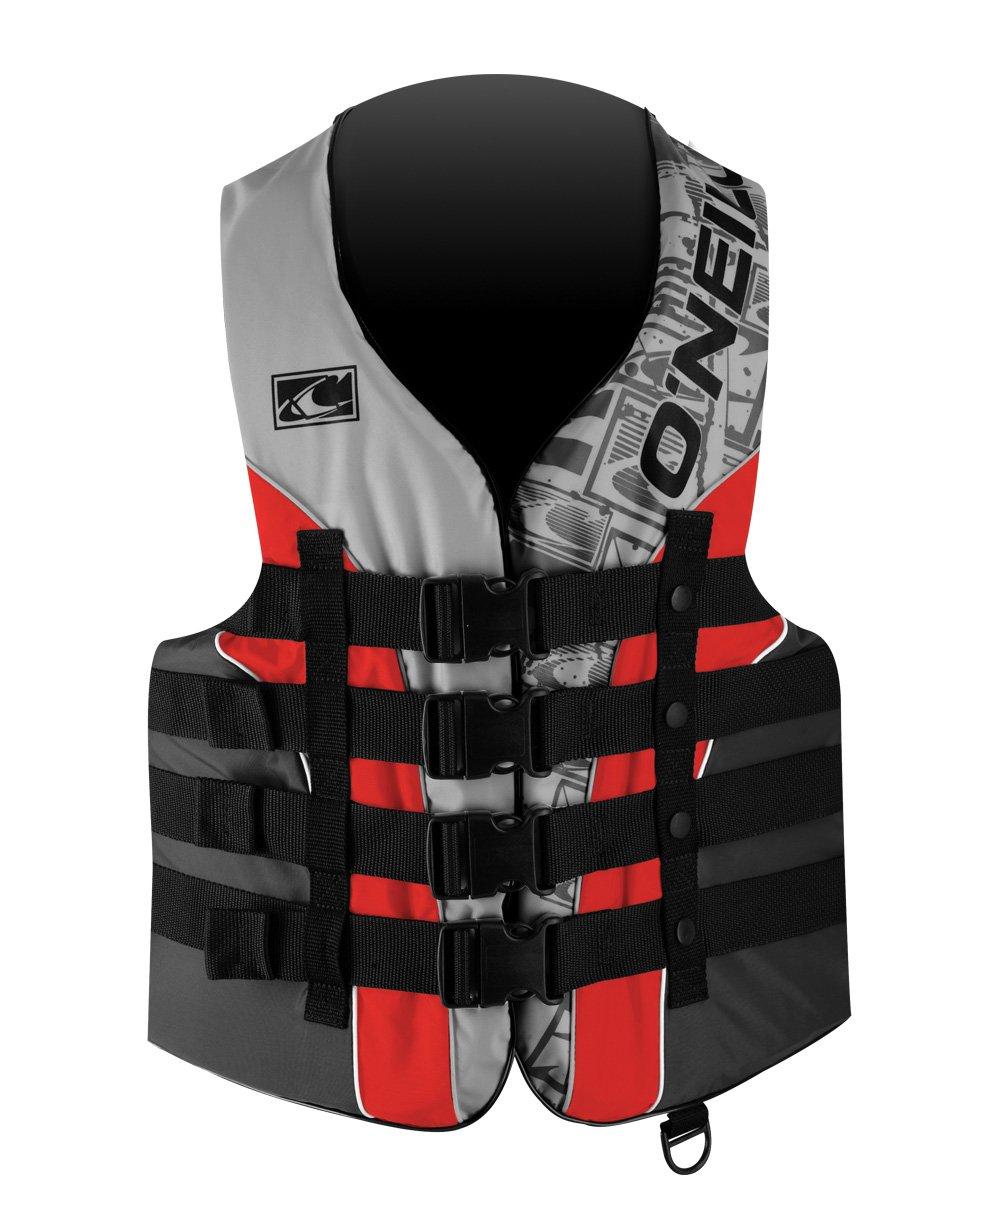 O'Neill Wake Waterski Youth Superlite USCG Vest